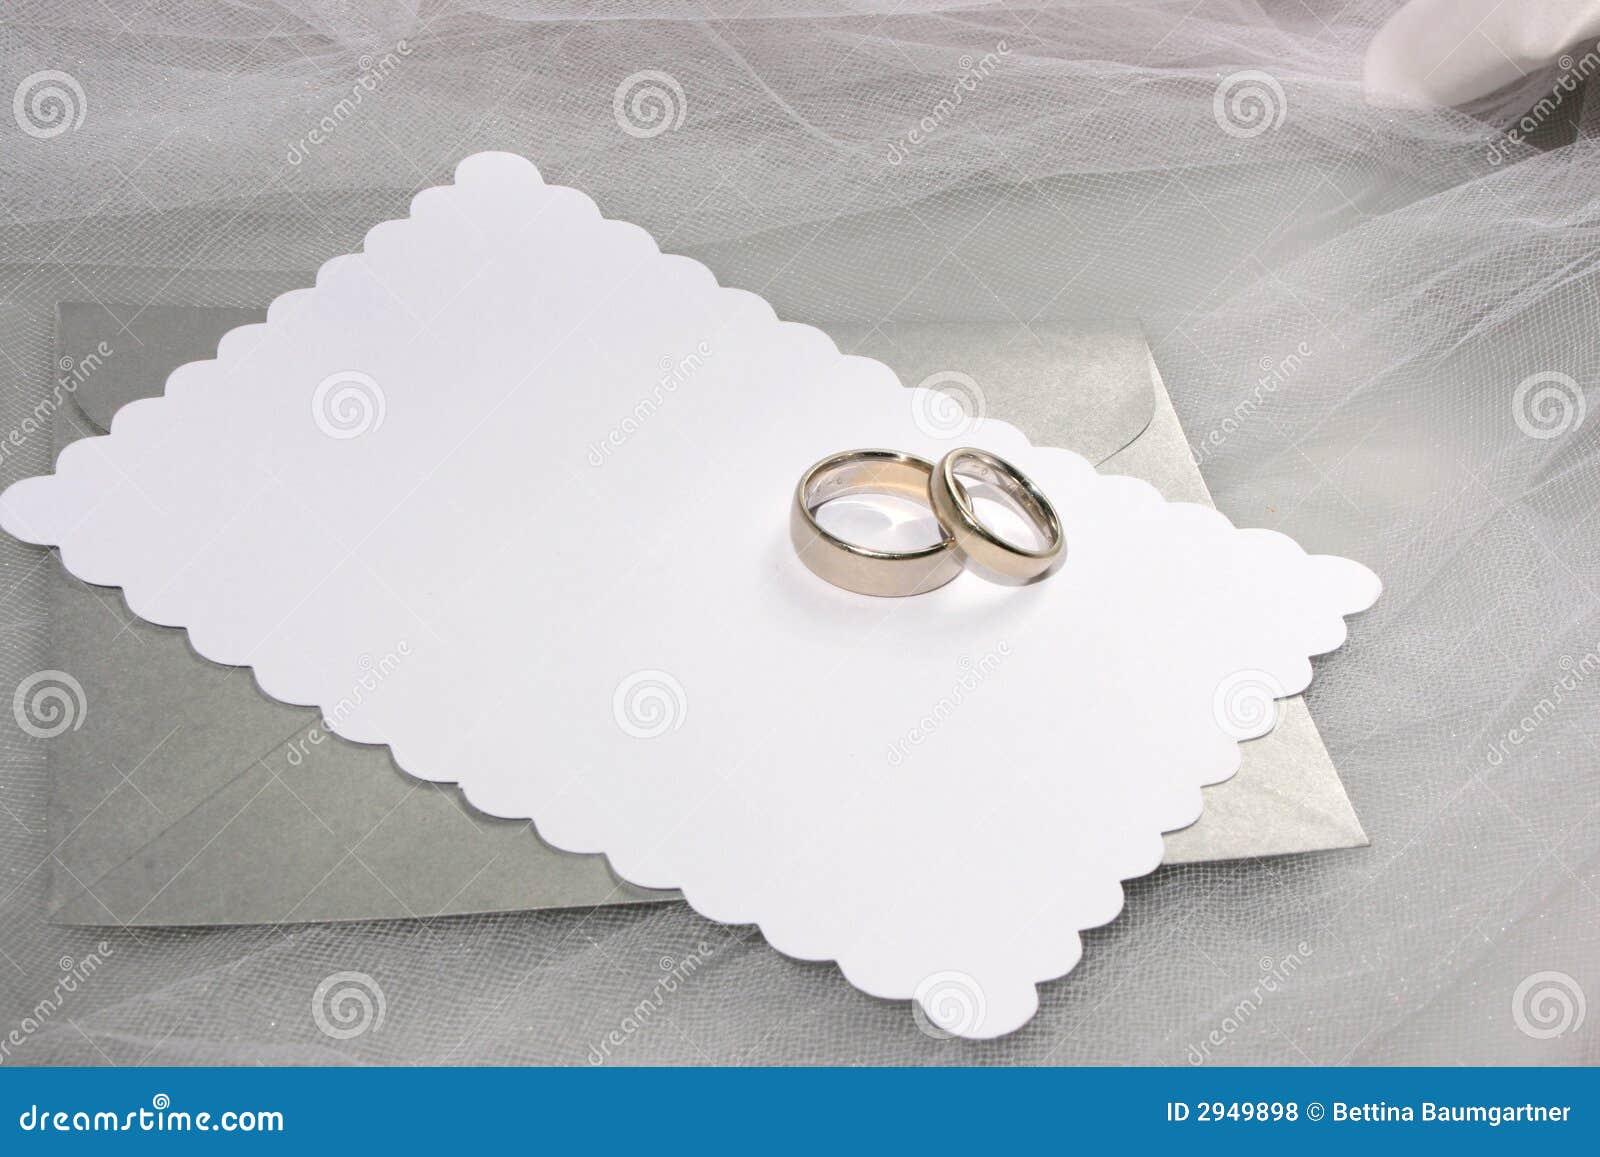 Anillos de bodas y tarjeta en blanco